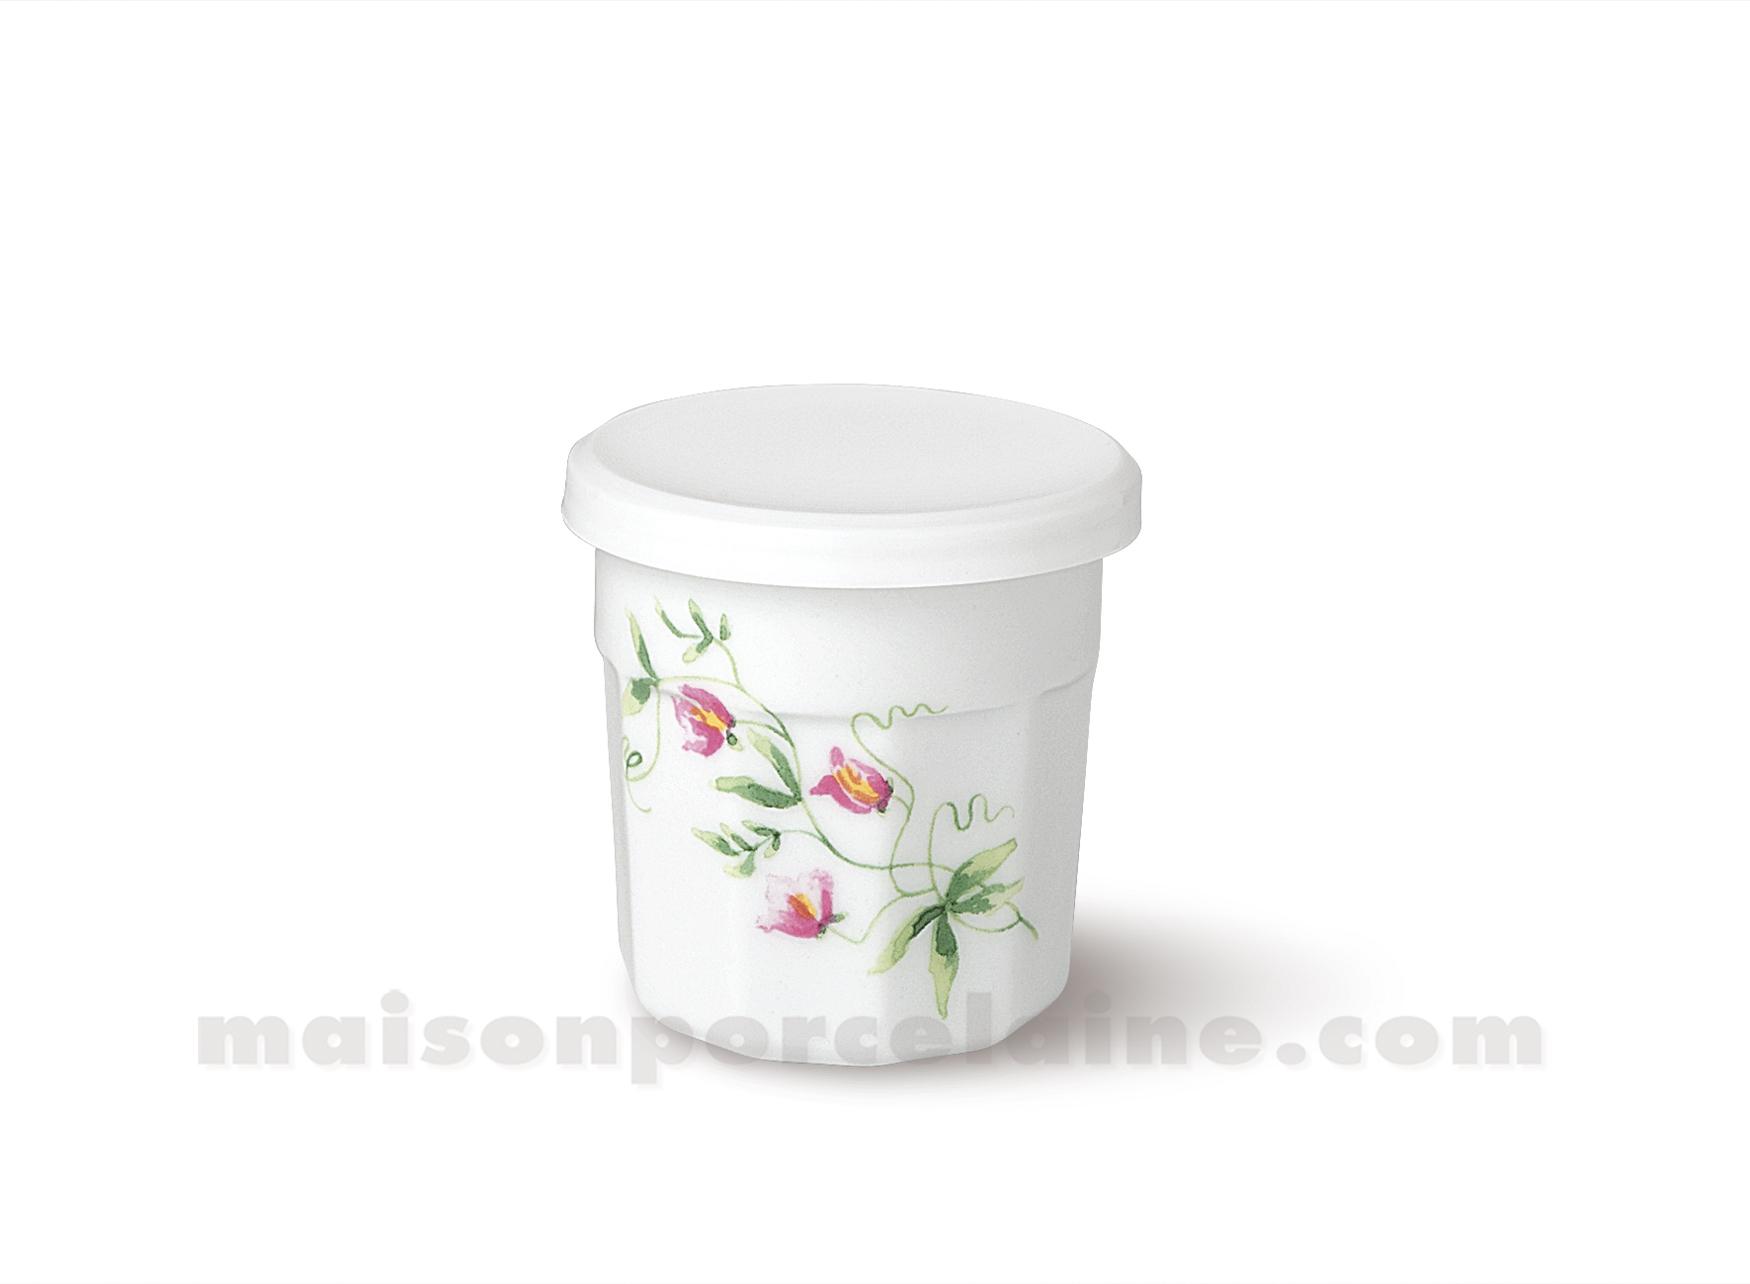 Pot confiture couvercle plastique pm 7x7 120grs maison de la porcelaine - Couvercle pot de confiture ...